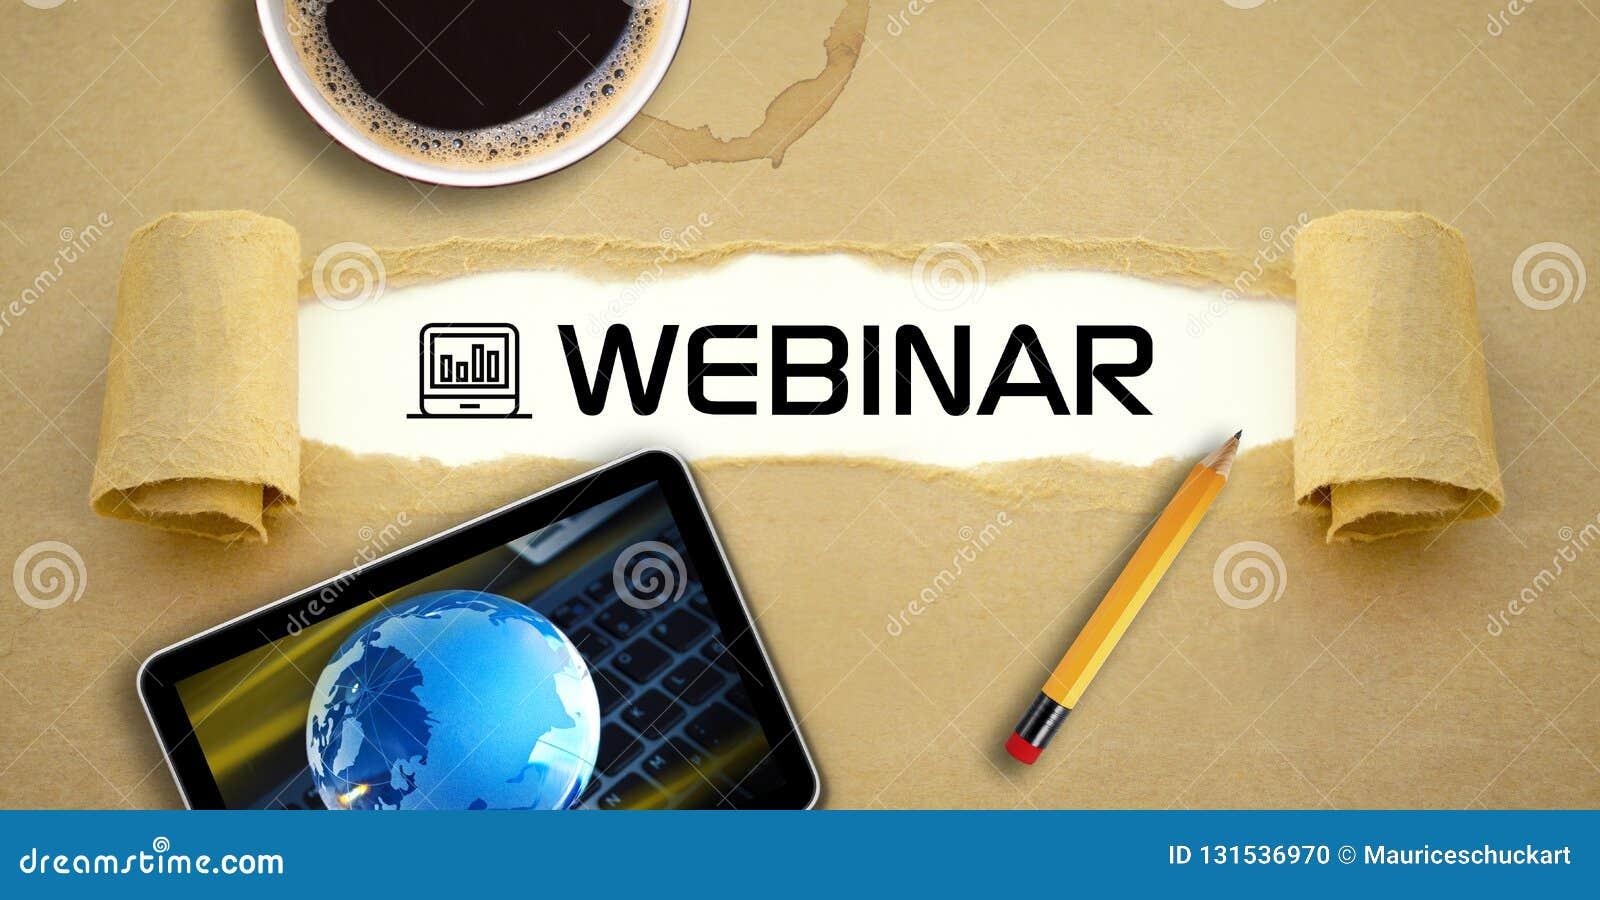 Curso en línea de aprendizaje en línea webinar del aprendizaje electrónico